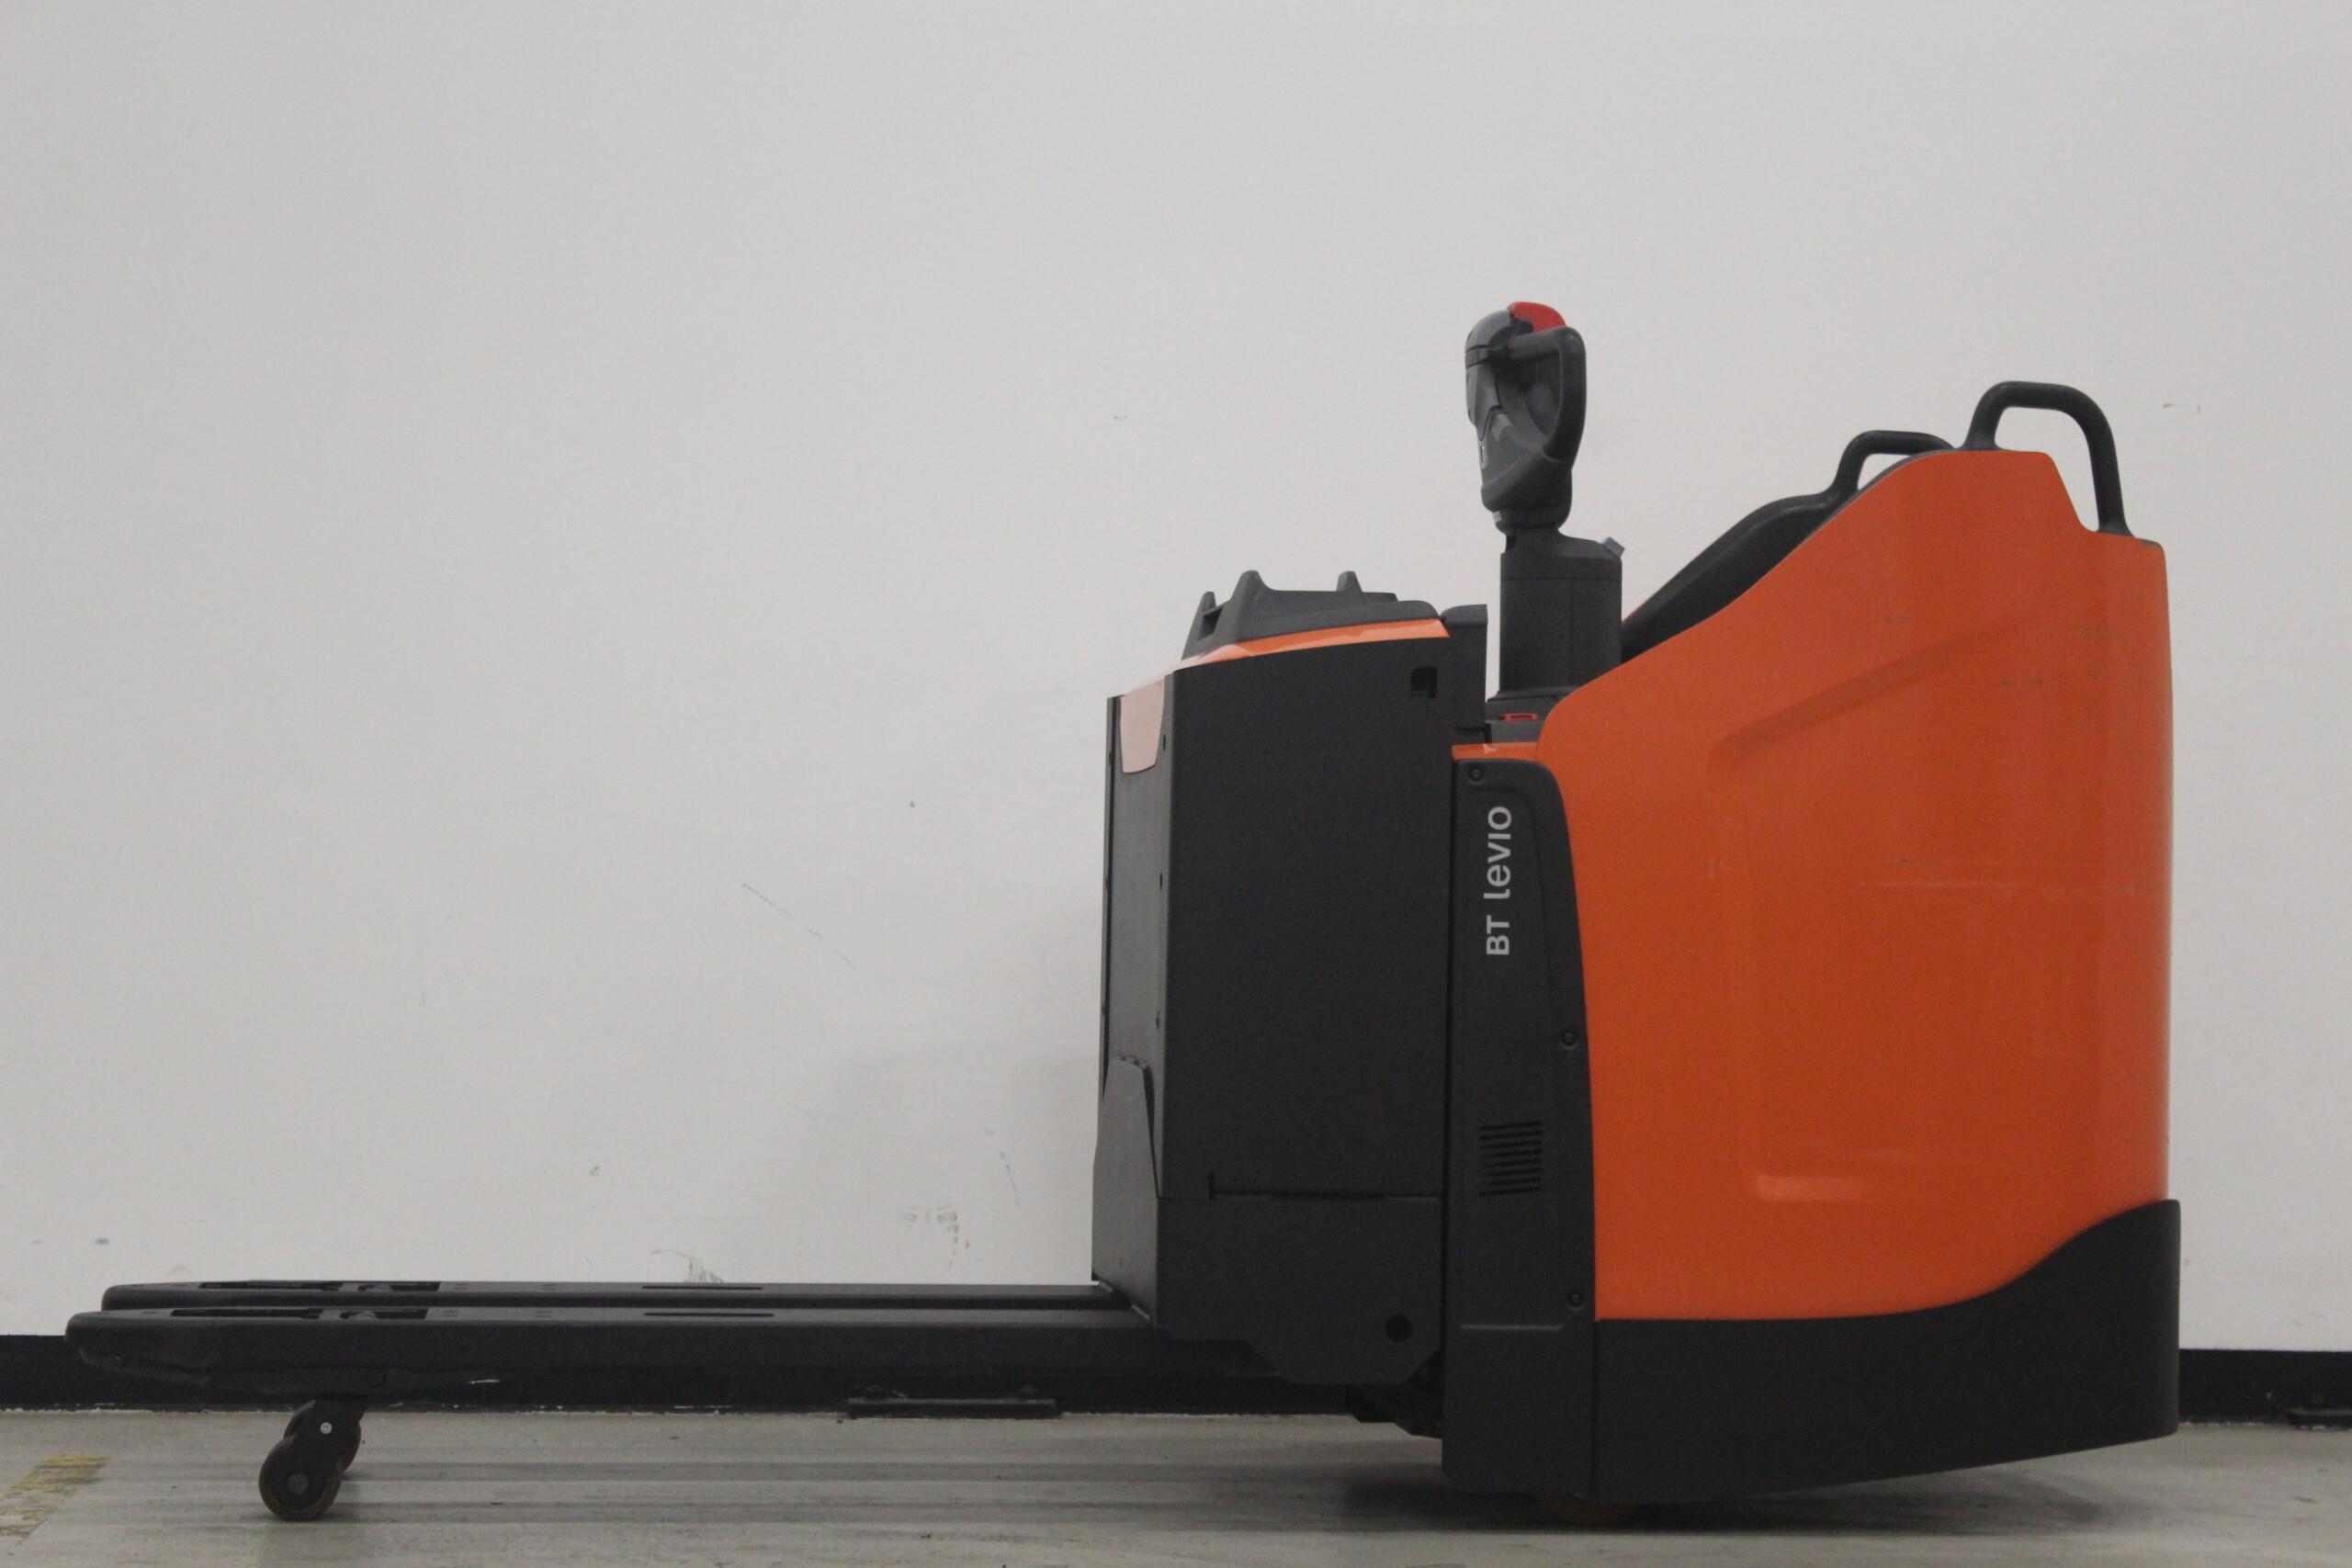 Toyota-Gabelstapler-59840 2001025085 1 7 scaled